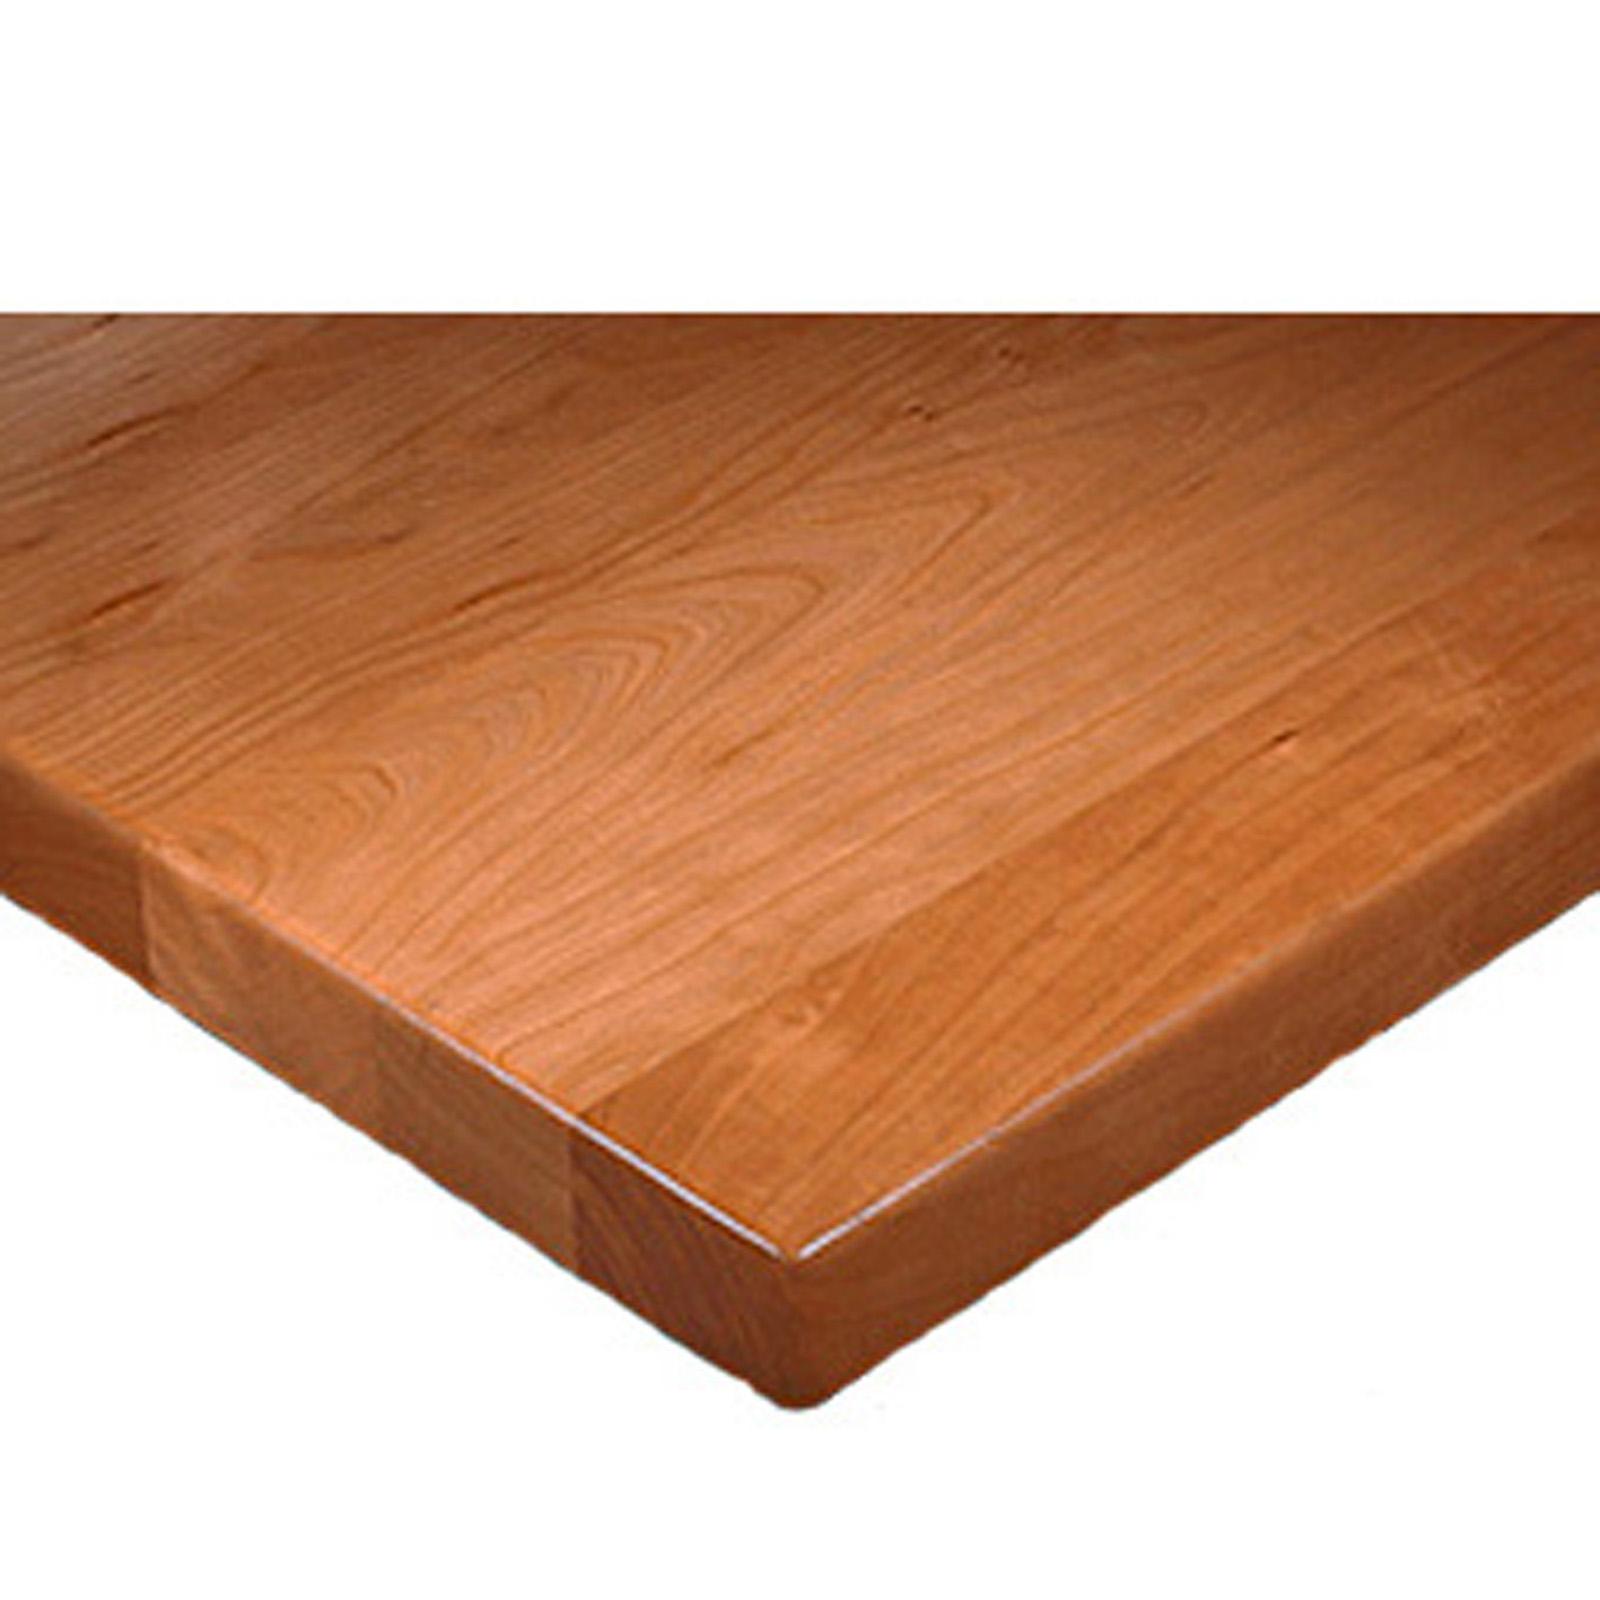 Oak Street PPO3030 table top, wood